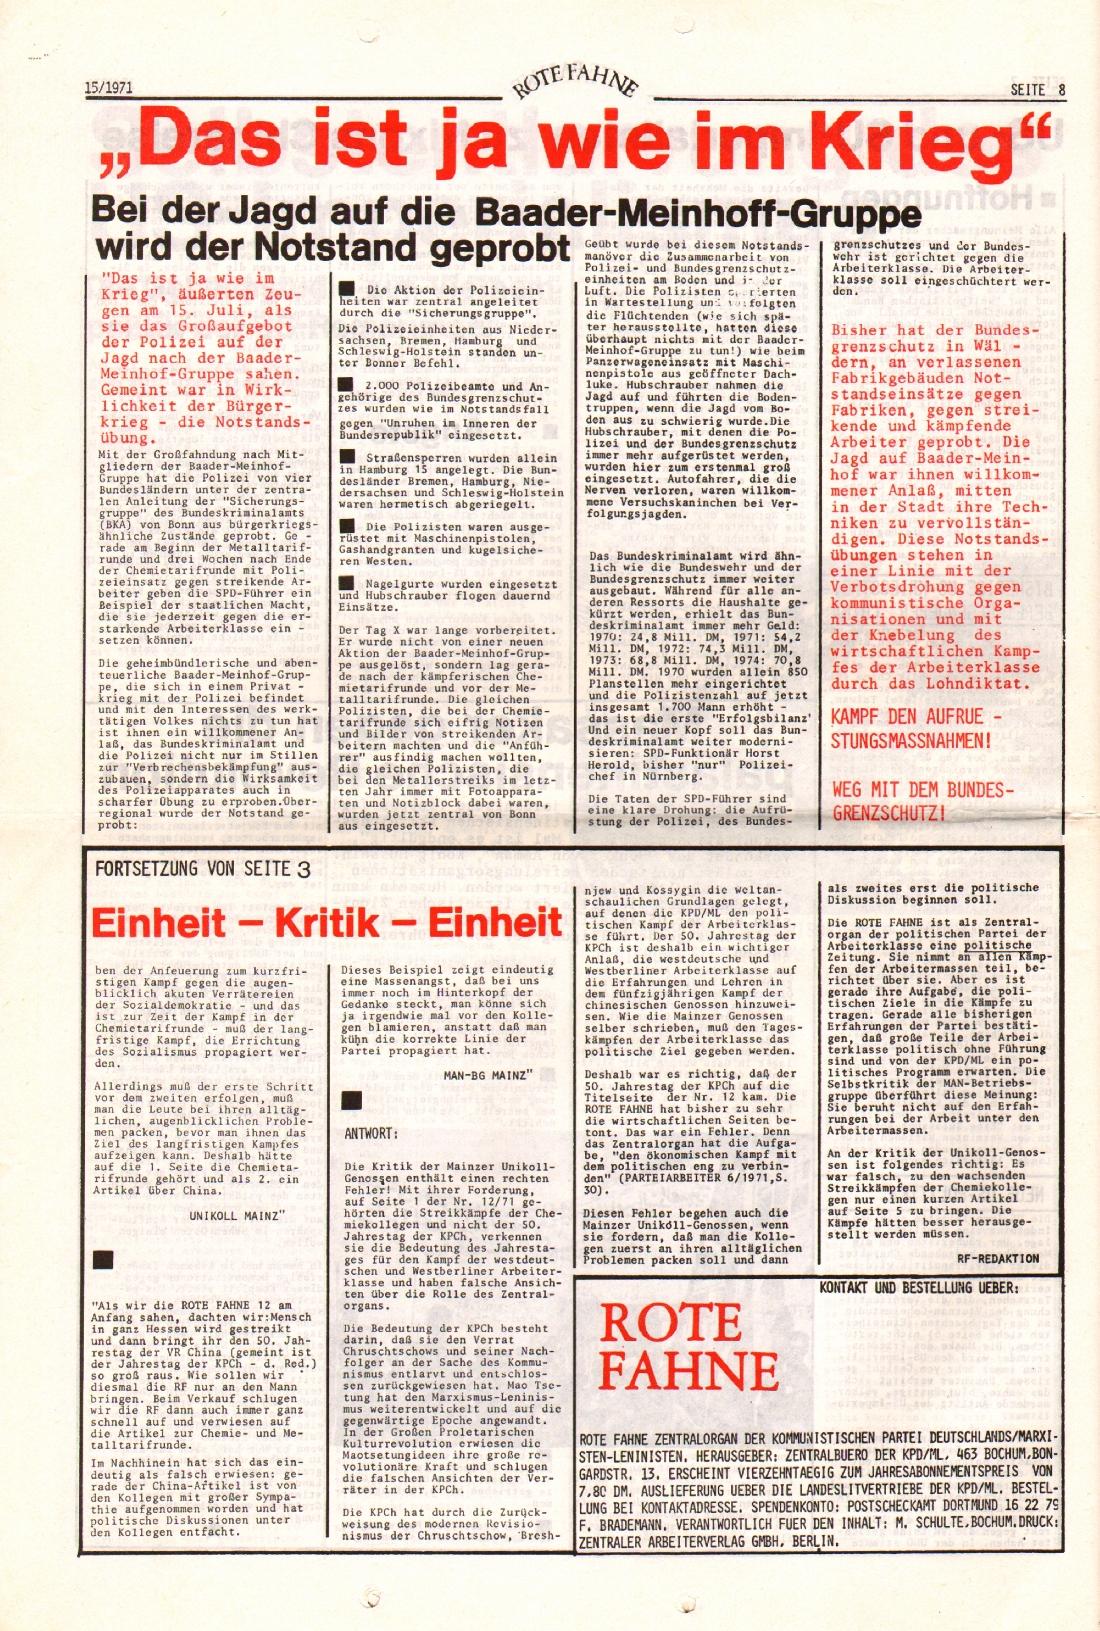 Rote Fahne, 2. Jg., 2.8.1971, Nr. 15, Seite 8